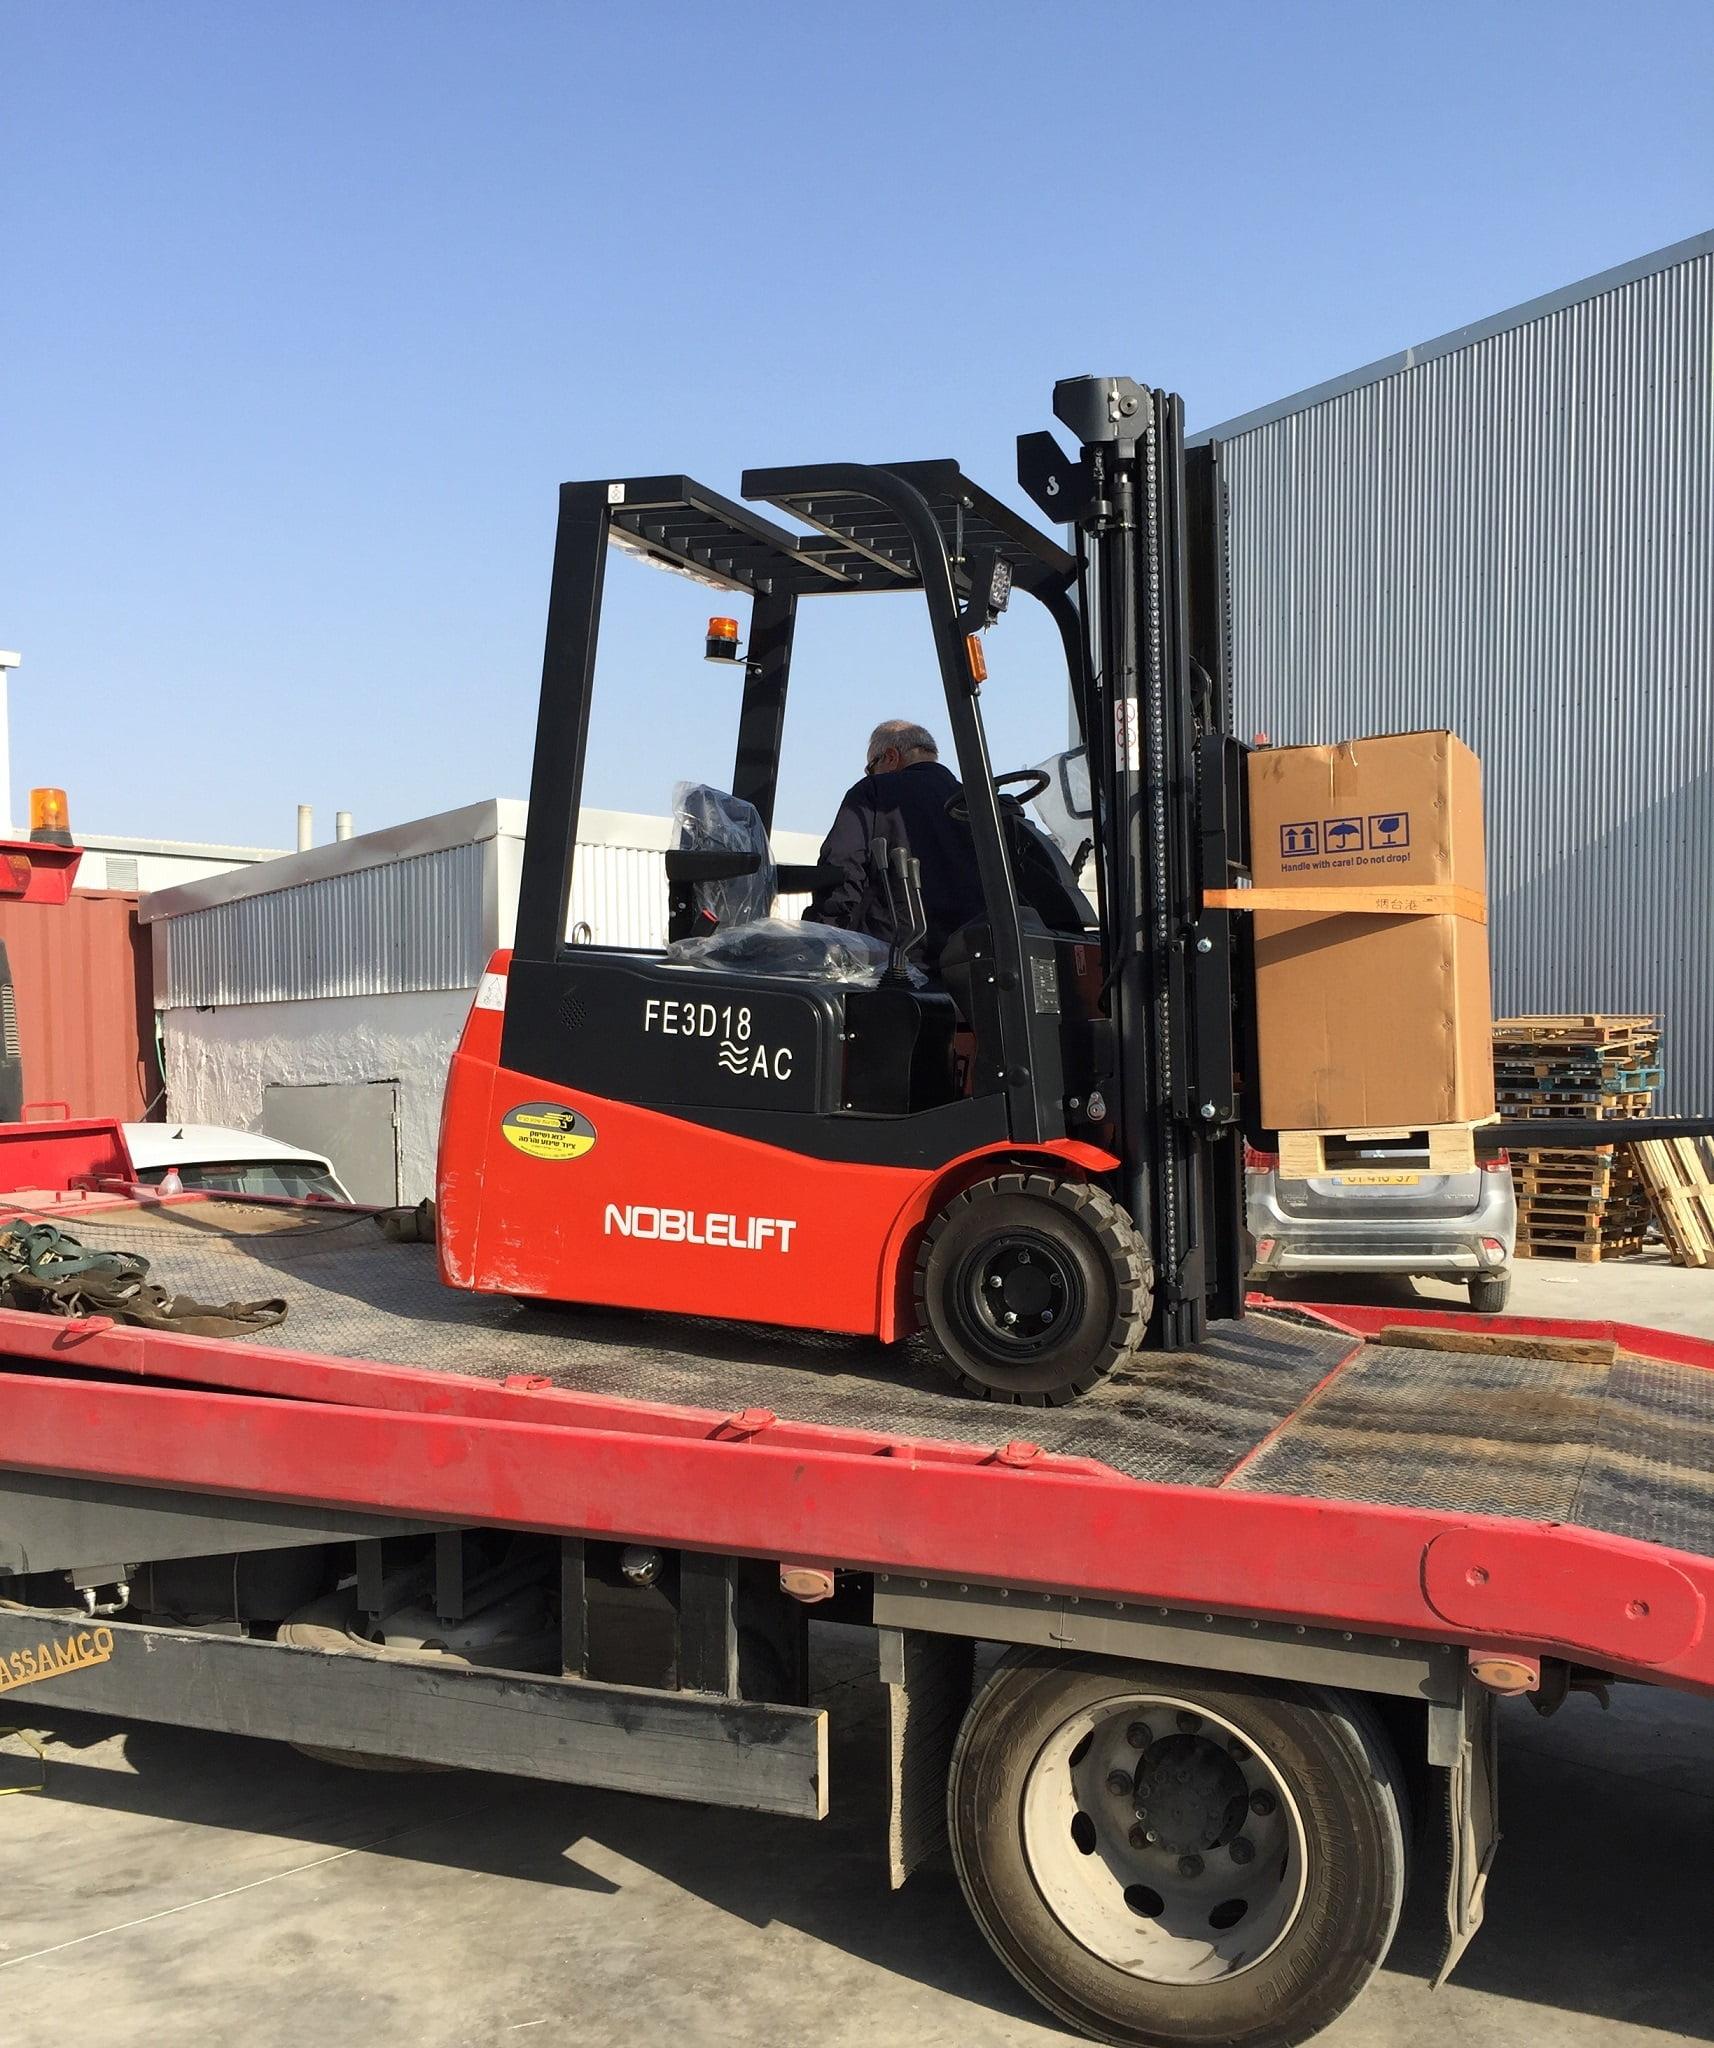 מלגזה חשמלית 1.8 טון למפעל בדרום 1 - אספקת מלגזה חשמלית שלש גלגלים למשקל של 1.8 טון